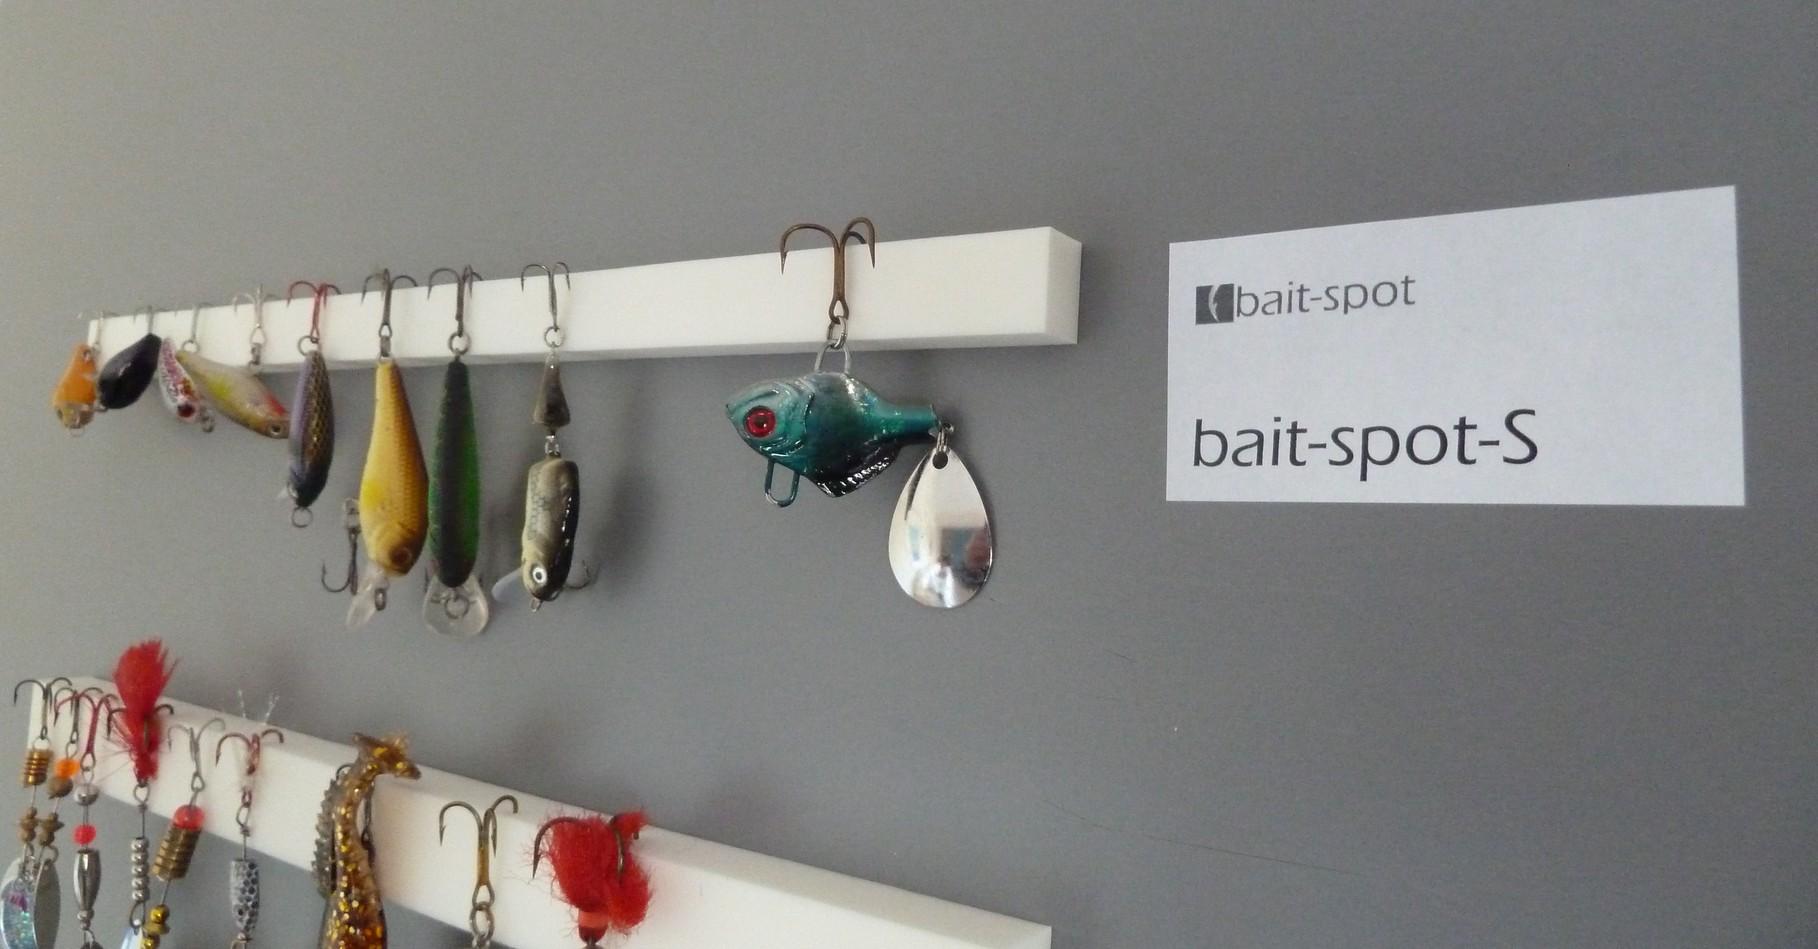 bait-spot-S bestückt